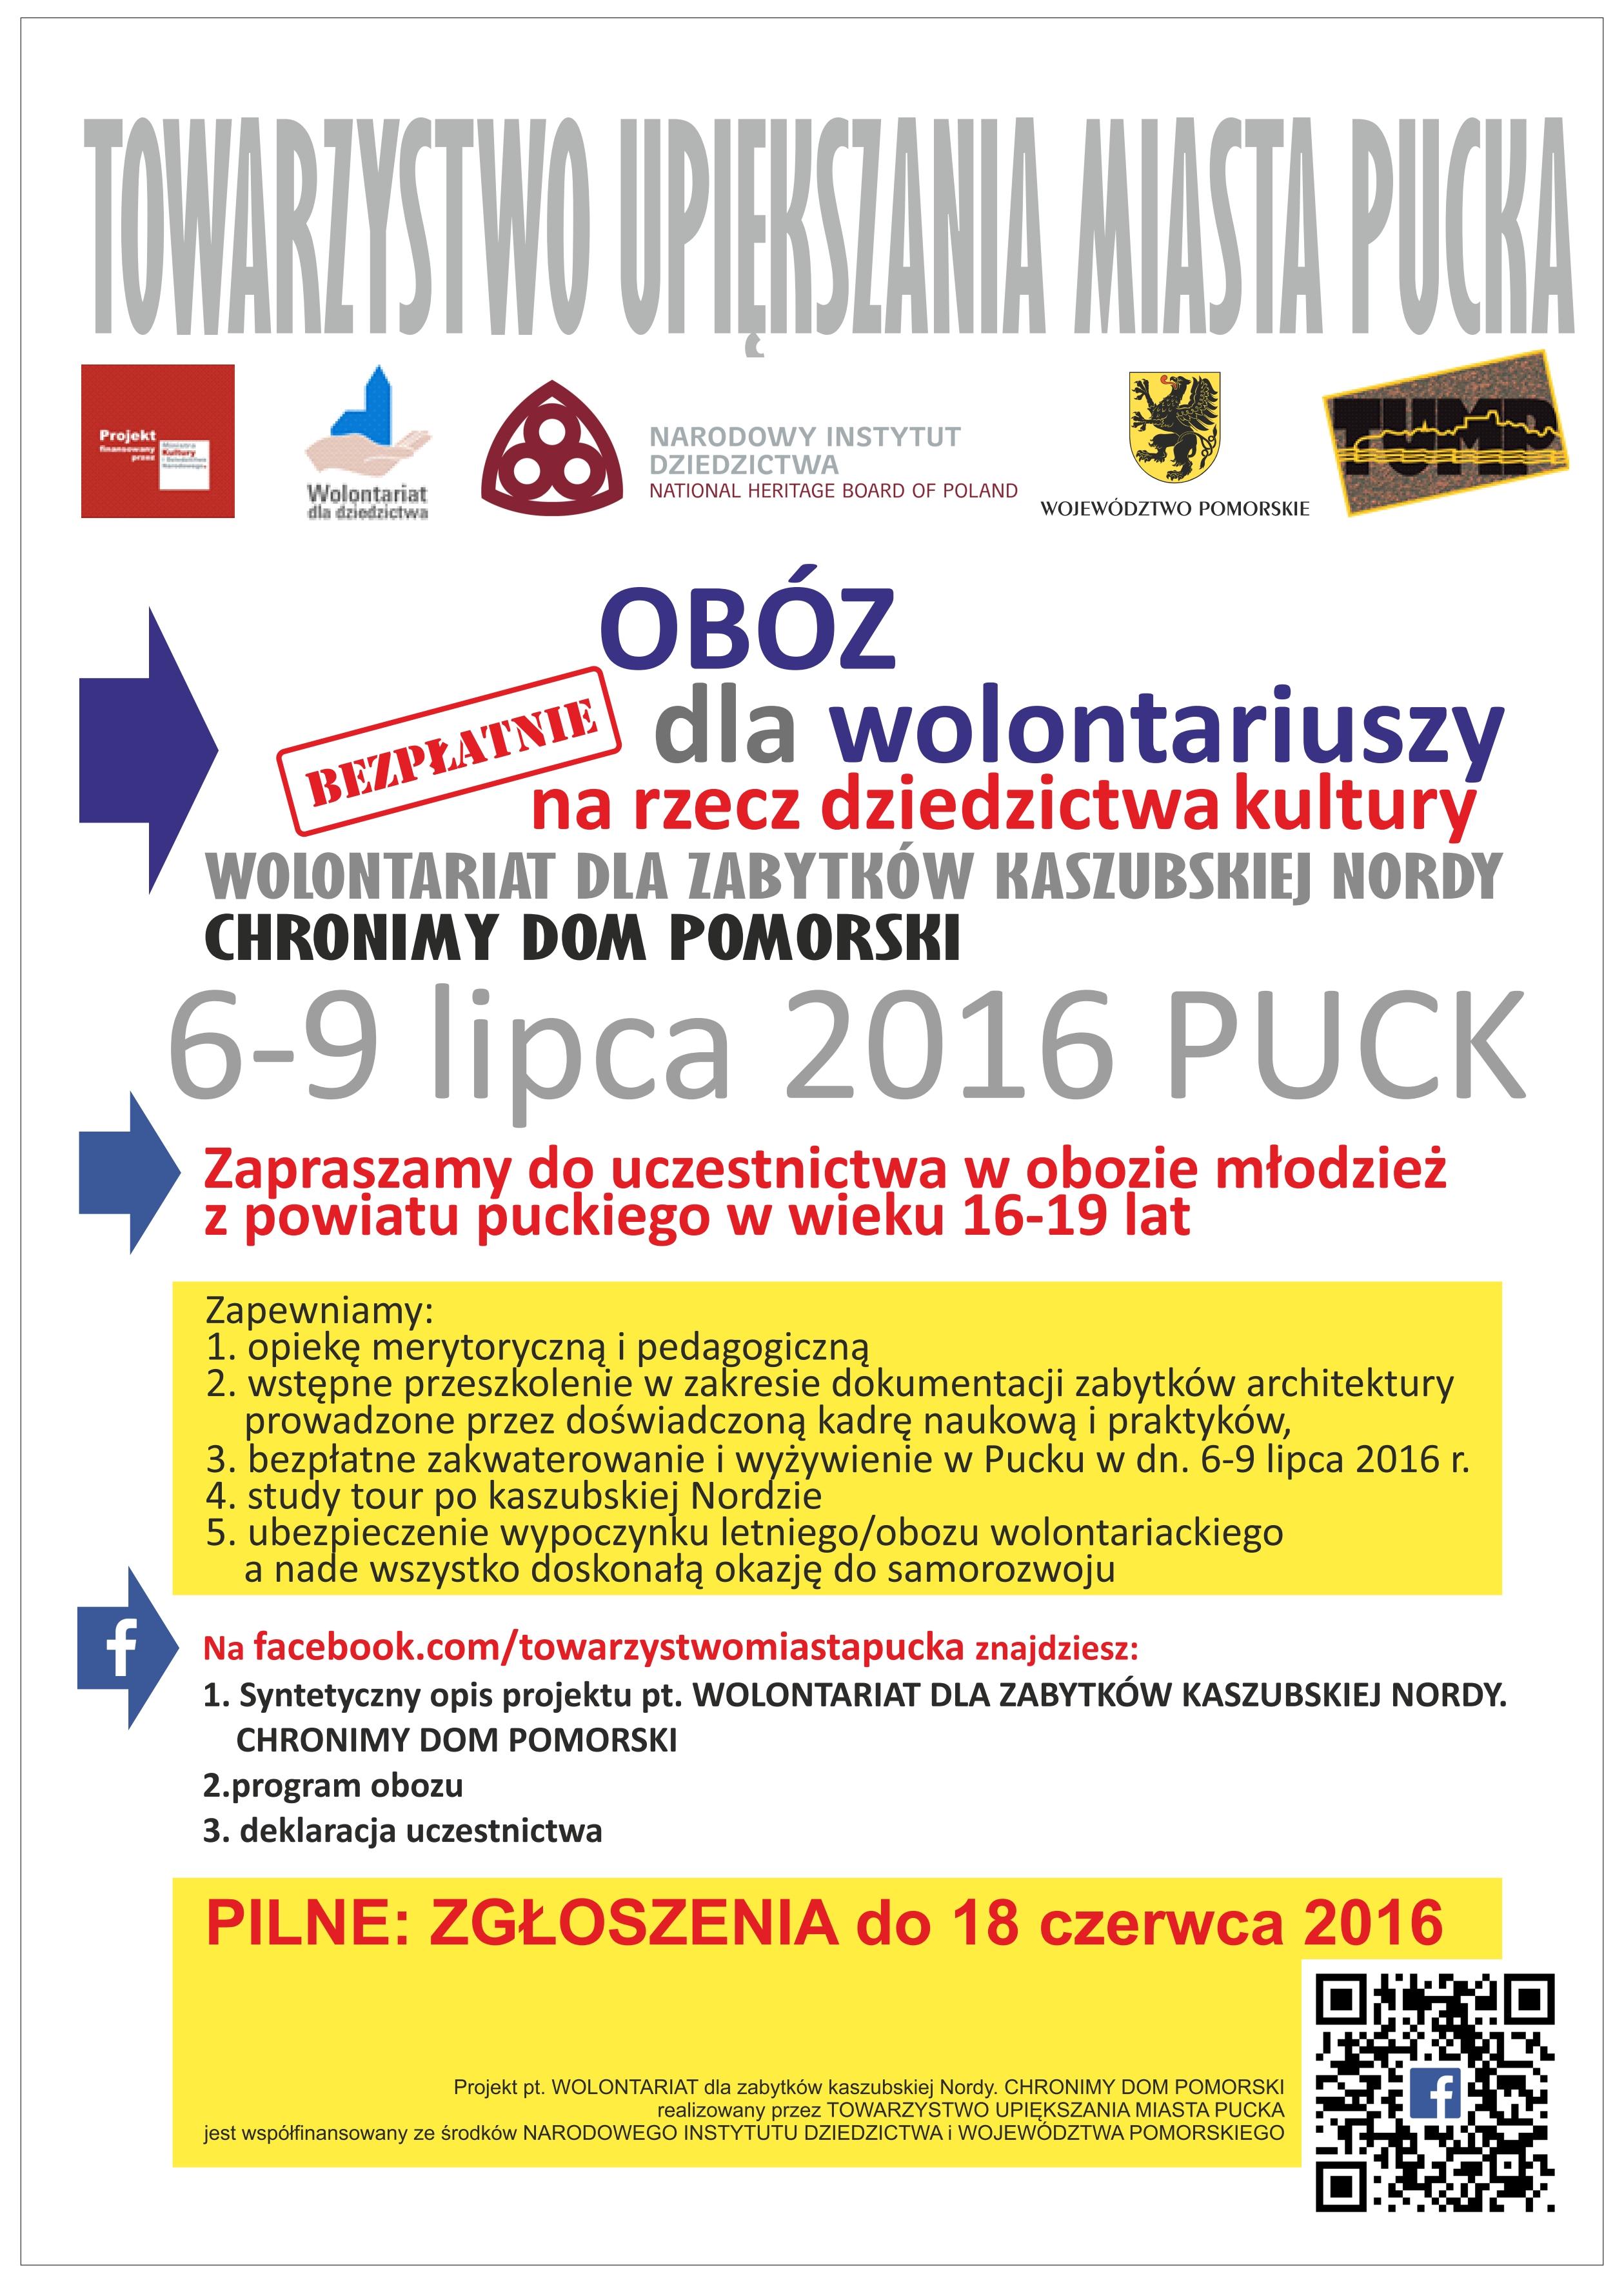 plakat_WOLONTARIAT dla zabytk_w_01